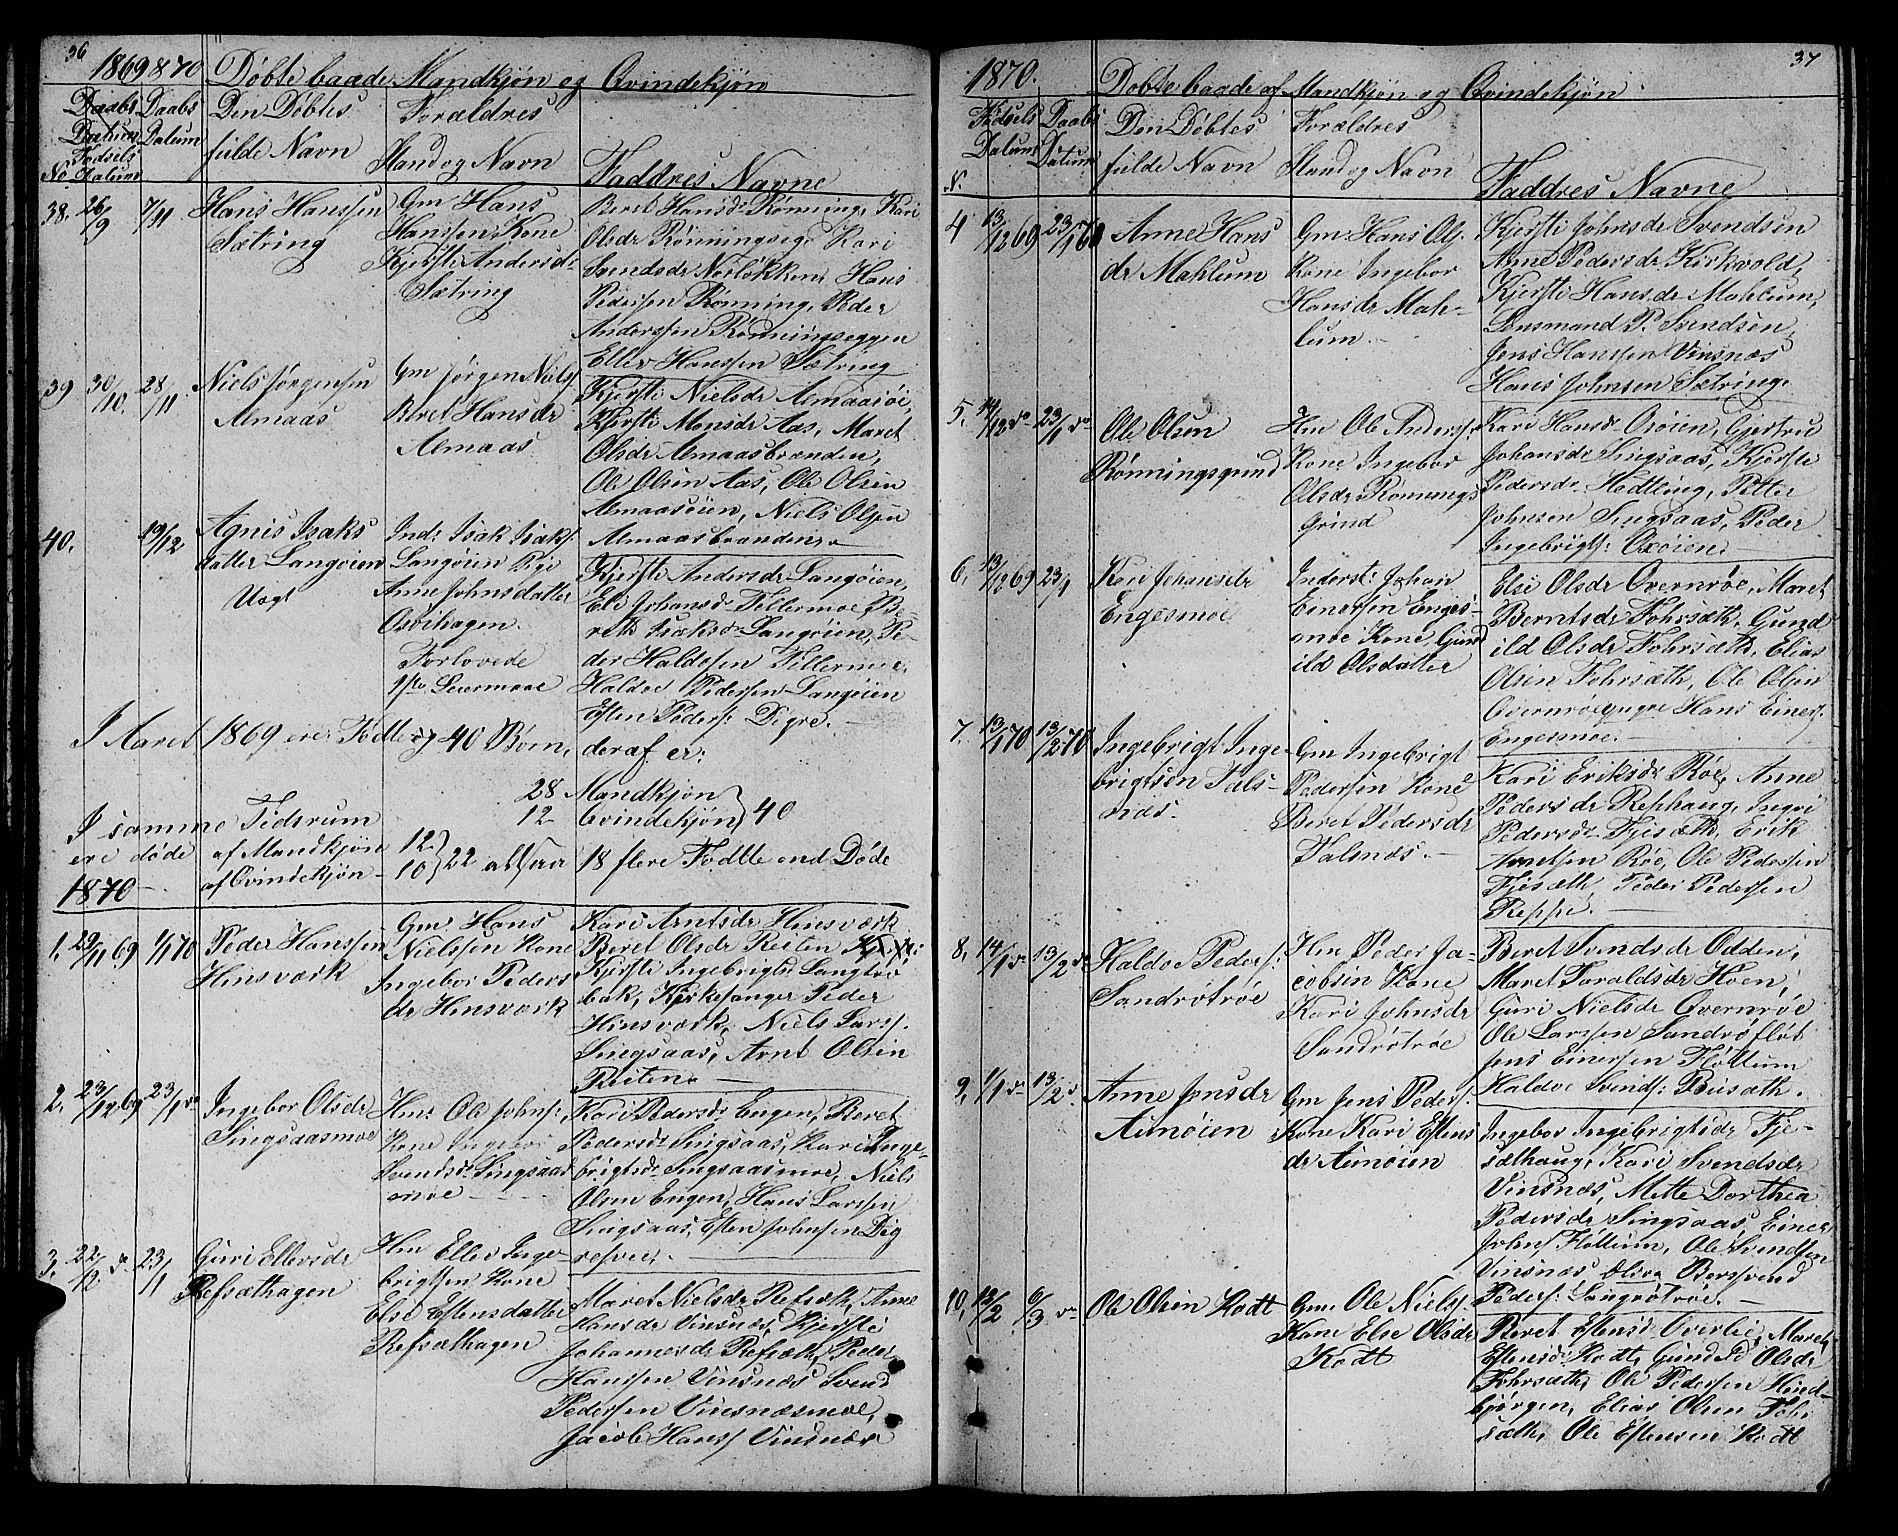 SAT, Ministerialprotokoller, klokkerbøker og fødselsregistre - Sør-Trøndelag, 688/L1027: Klokkerbok nr. 688C02, 1861-1889, s. 36-37